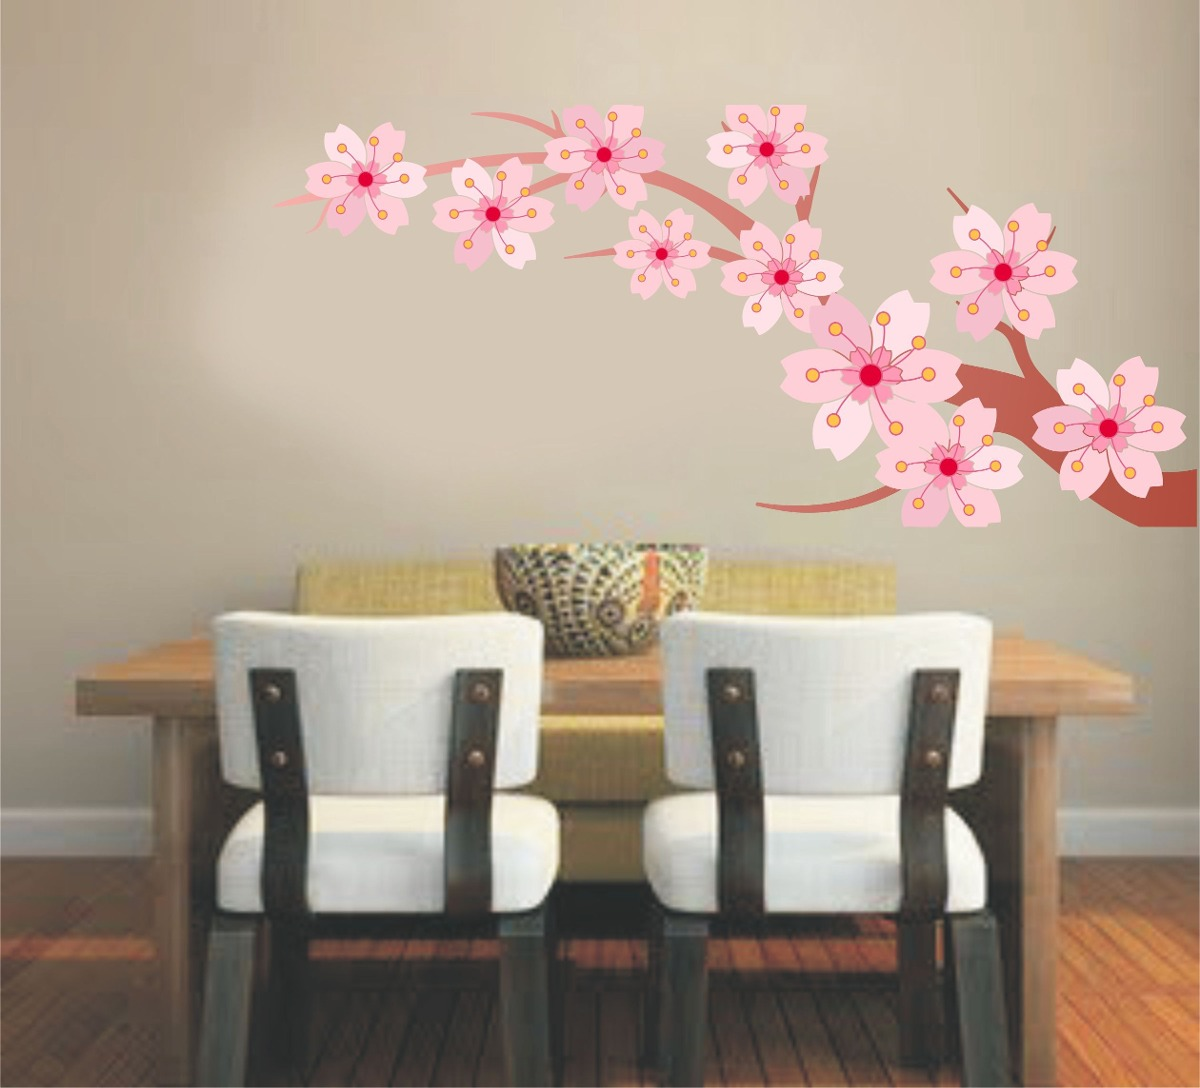 Adesivo Decora O Parede Sala Rvore Galho Floral Flor Rosa R 59  -> Adesivo Para Decoracao De Sala